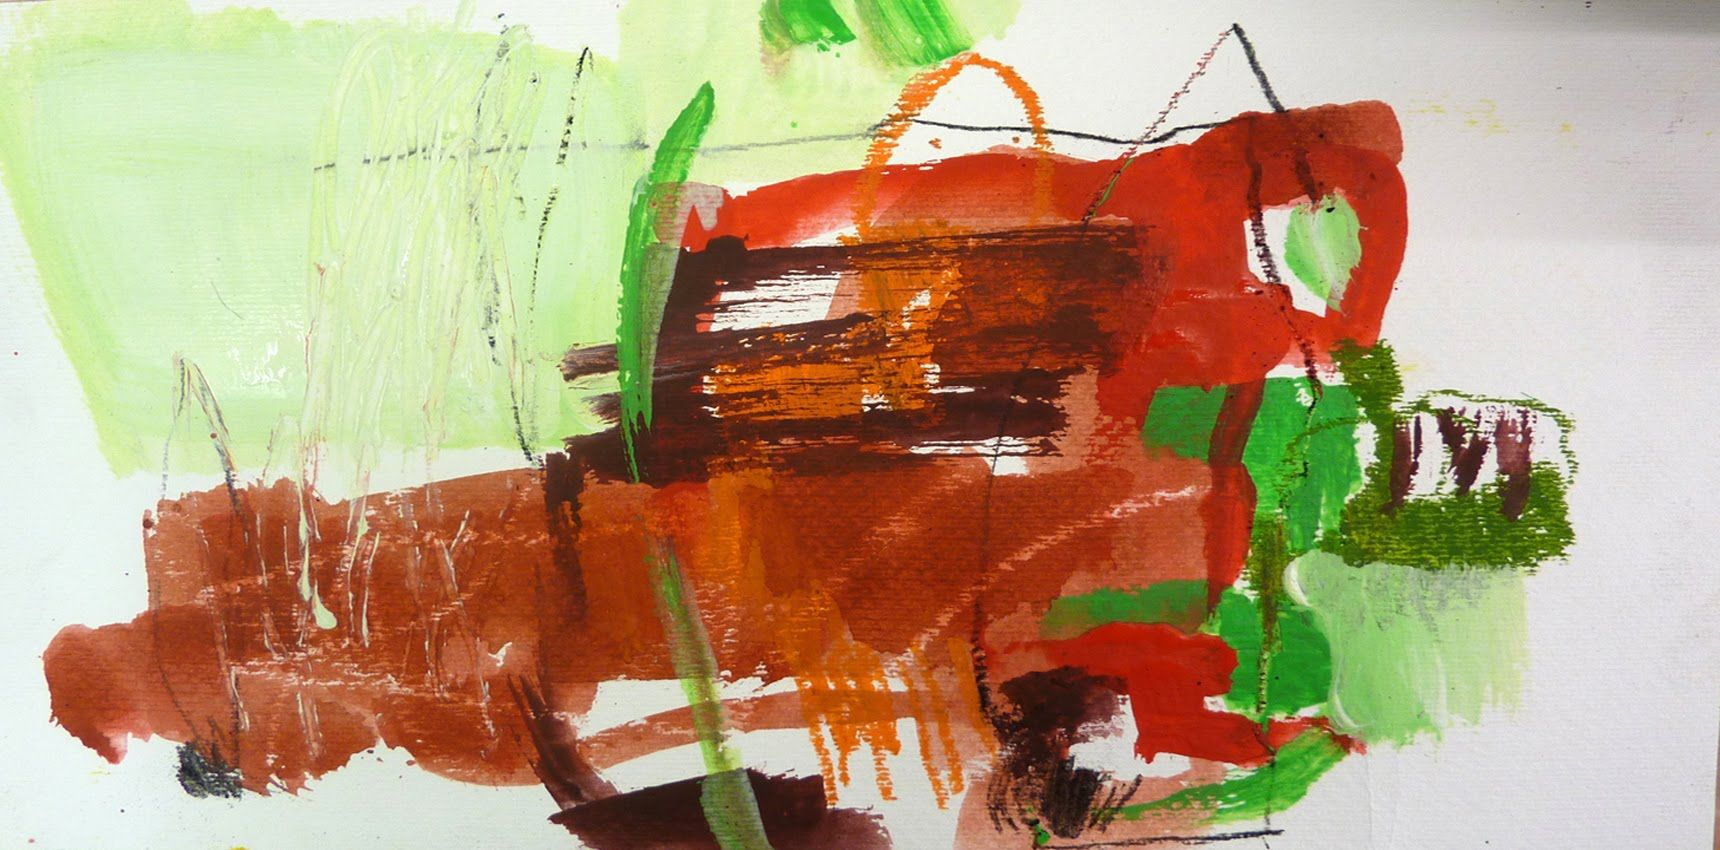 Komplementär Farbklang,Rot-Grün, auf Papier mit Acrylfarbe gemalt